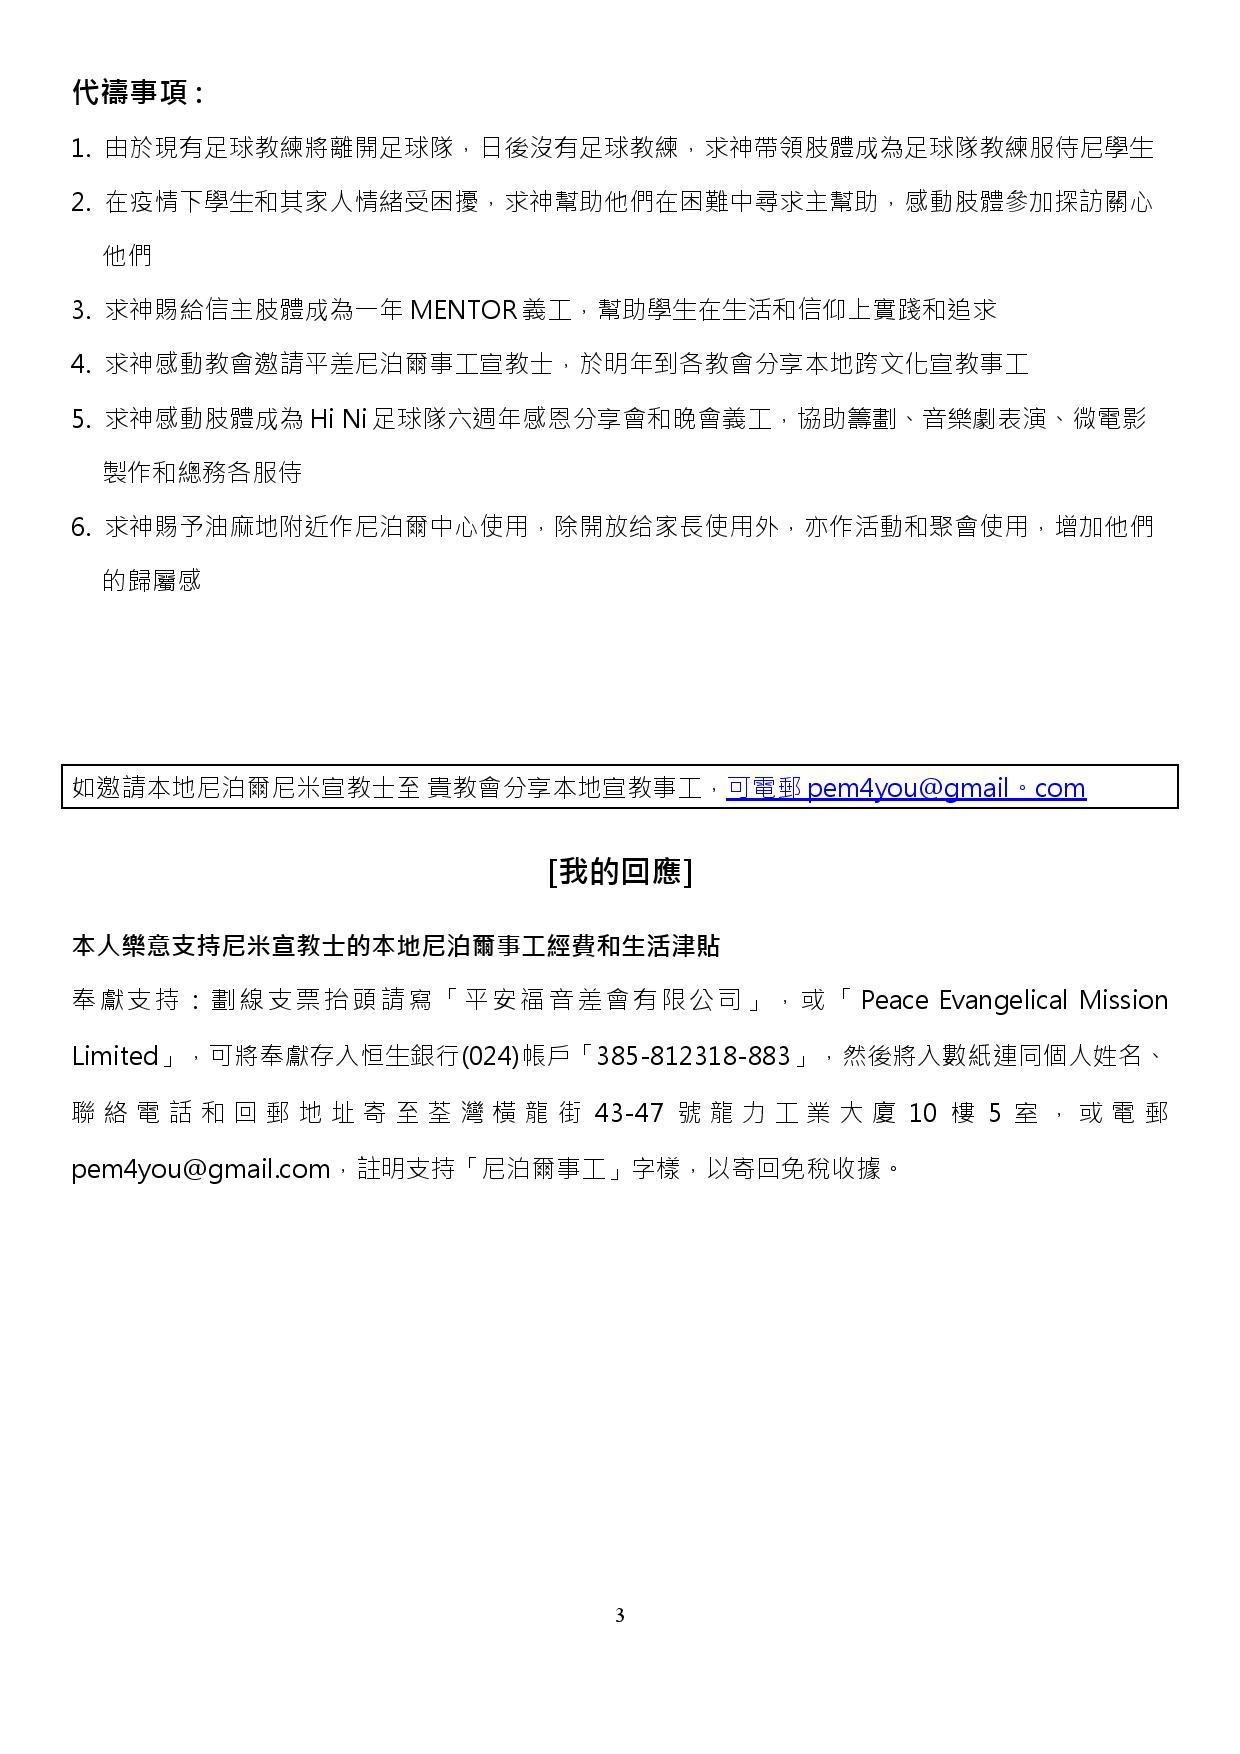 2020本地尼泊爾事工代禱信(十).-page-003